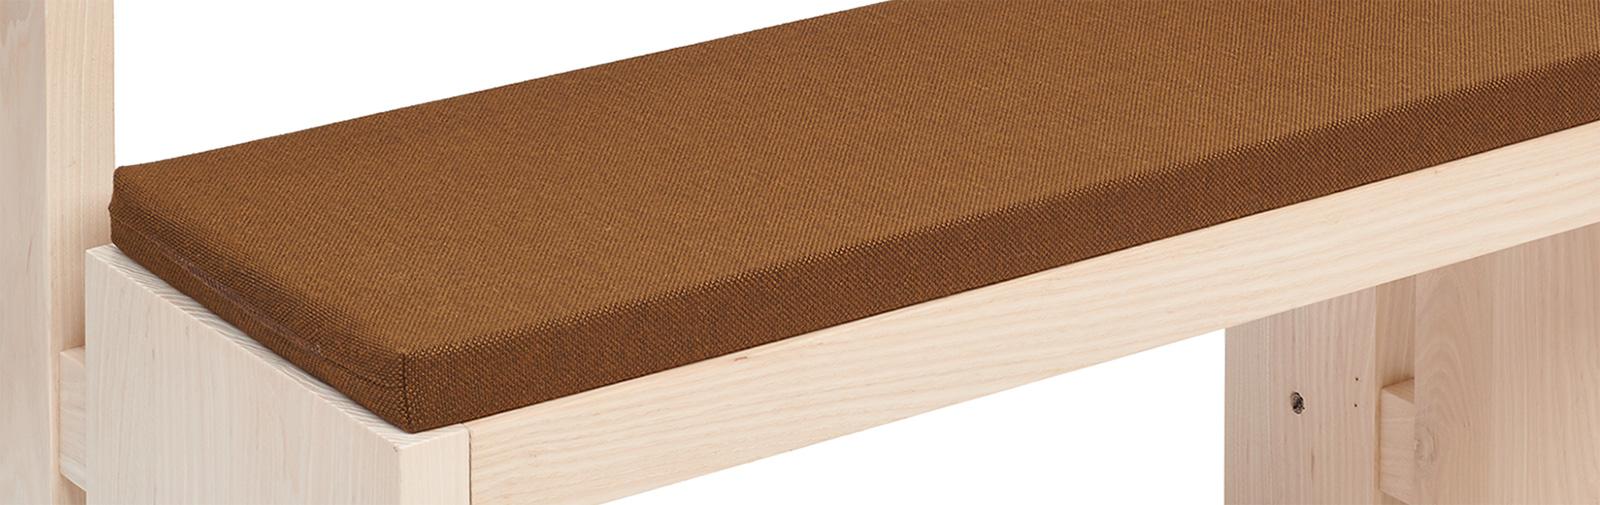 banque échantillon coussin Bankauflage Simplex 40 mm code couleur 7260 coleur brun moyen